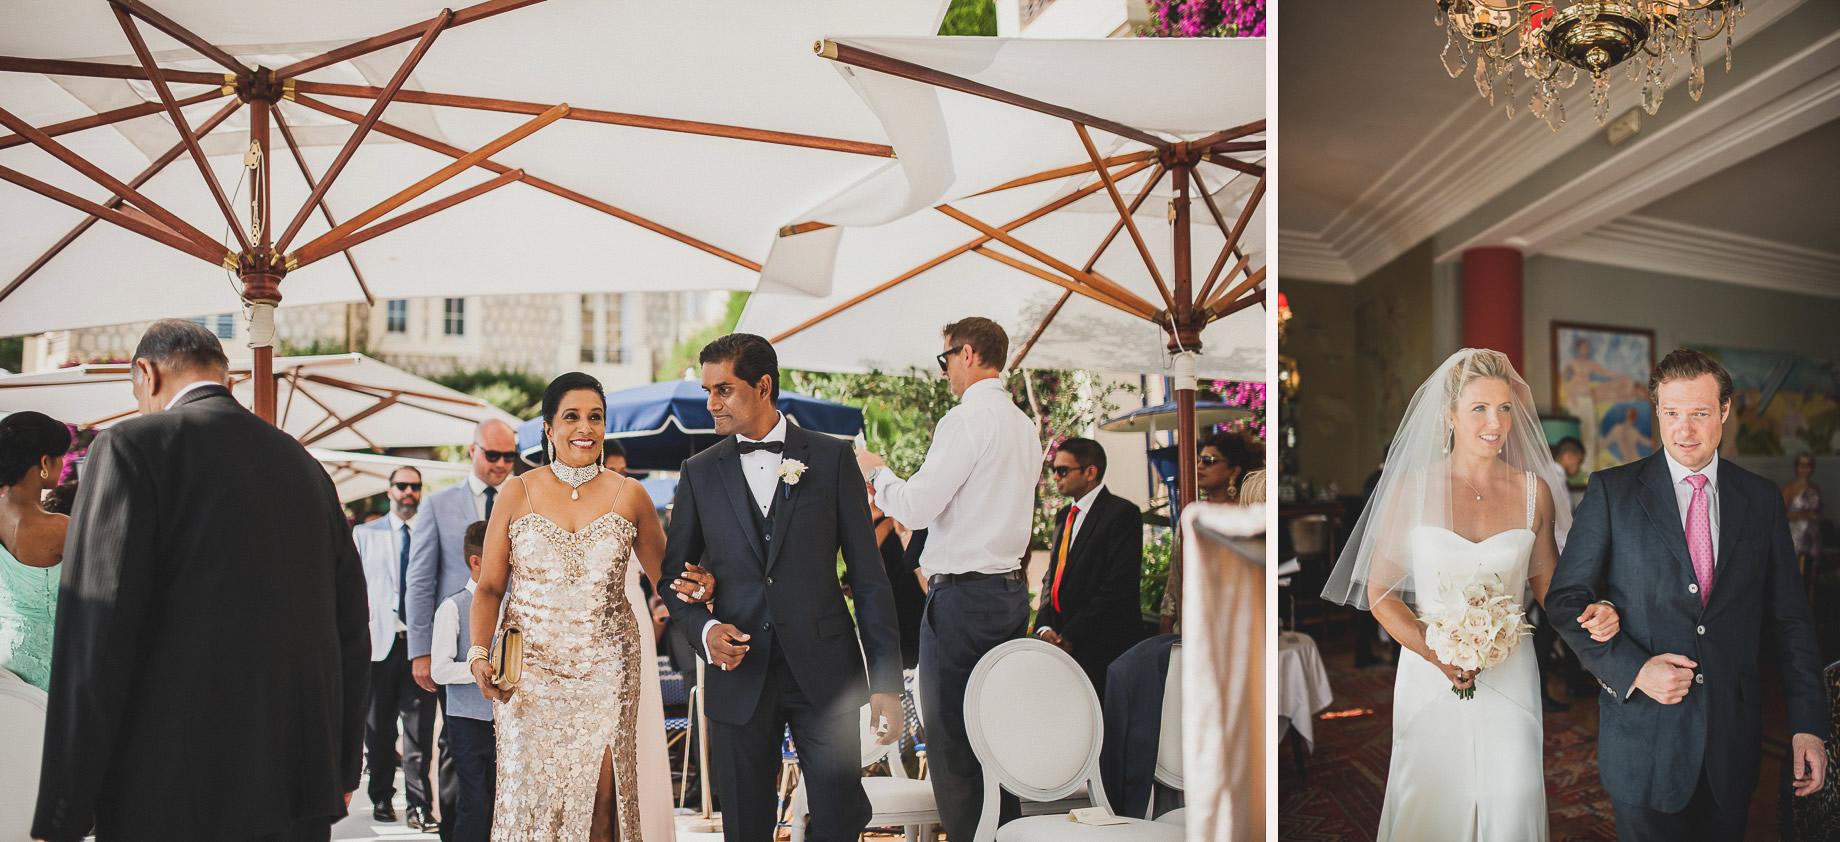 Jen and Priyan's Wedding at Hotel Belles Rives 084